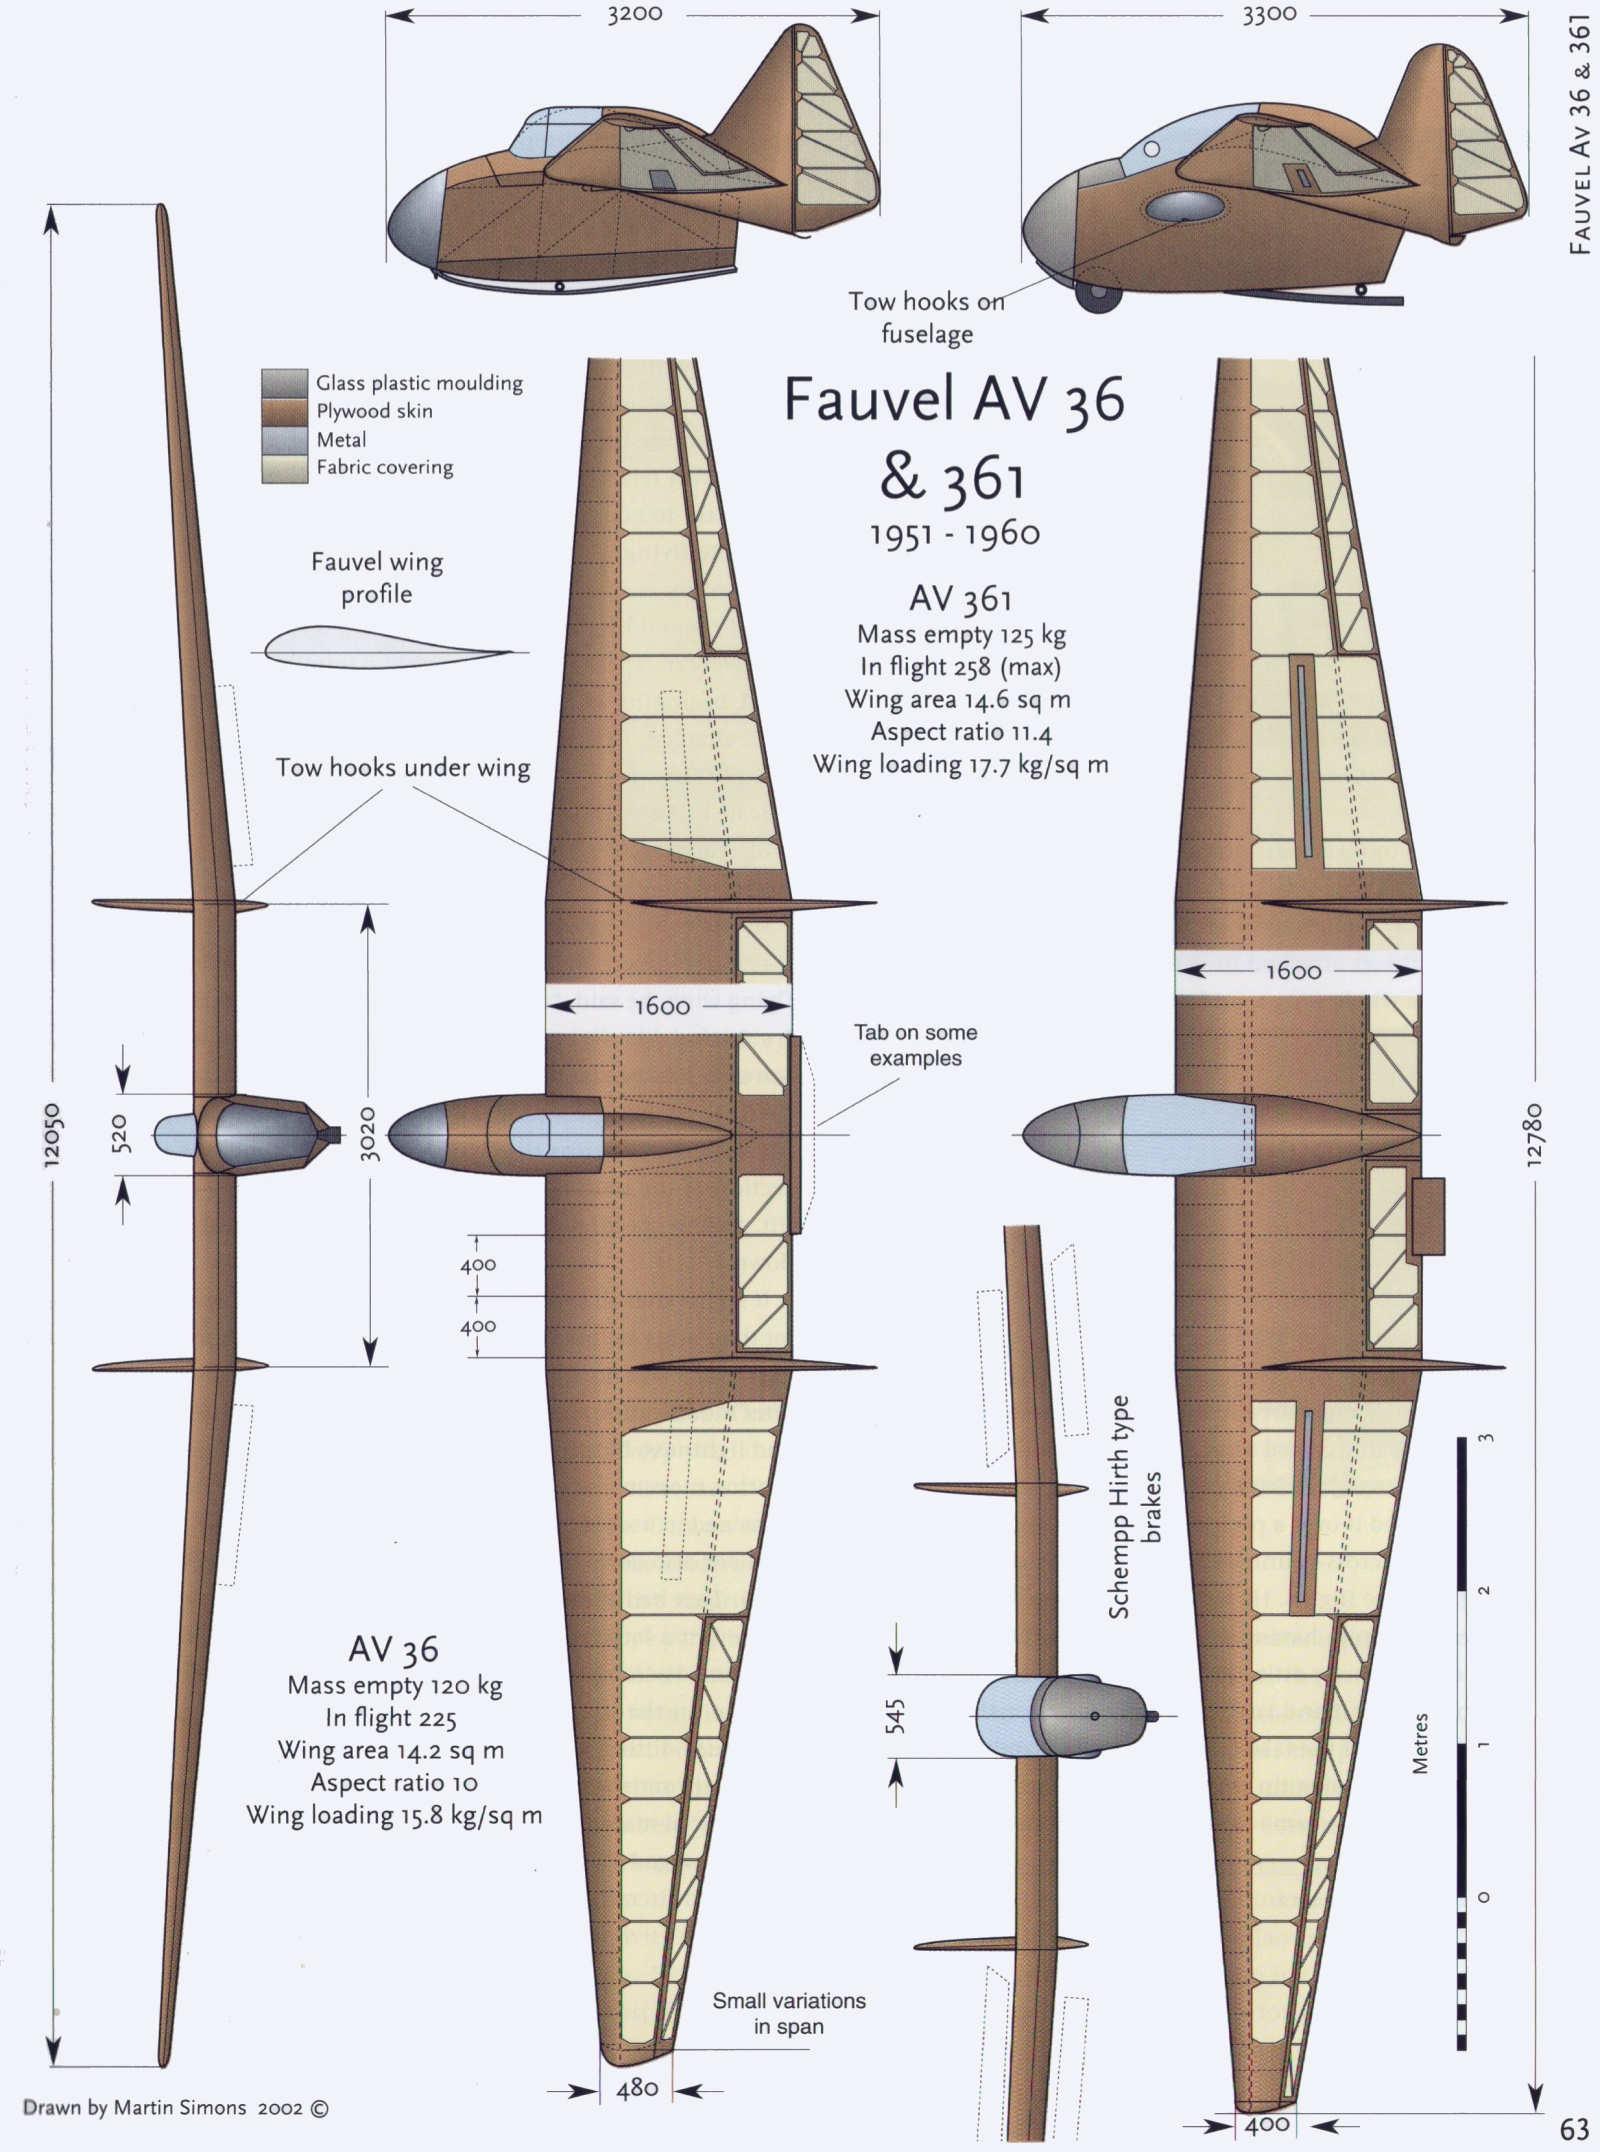 fauvel_av36.jpg